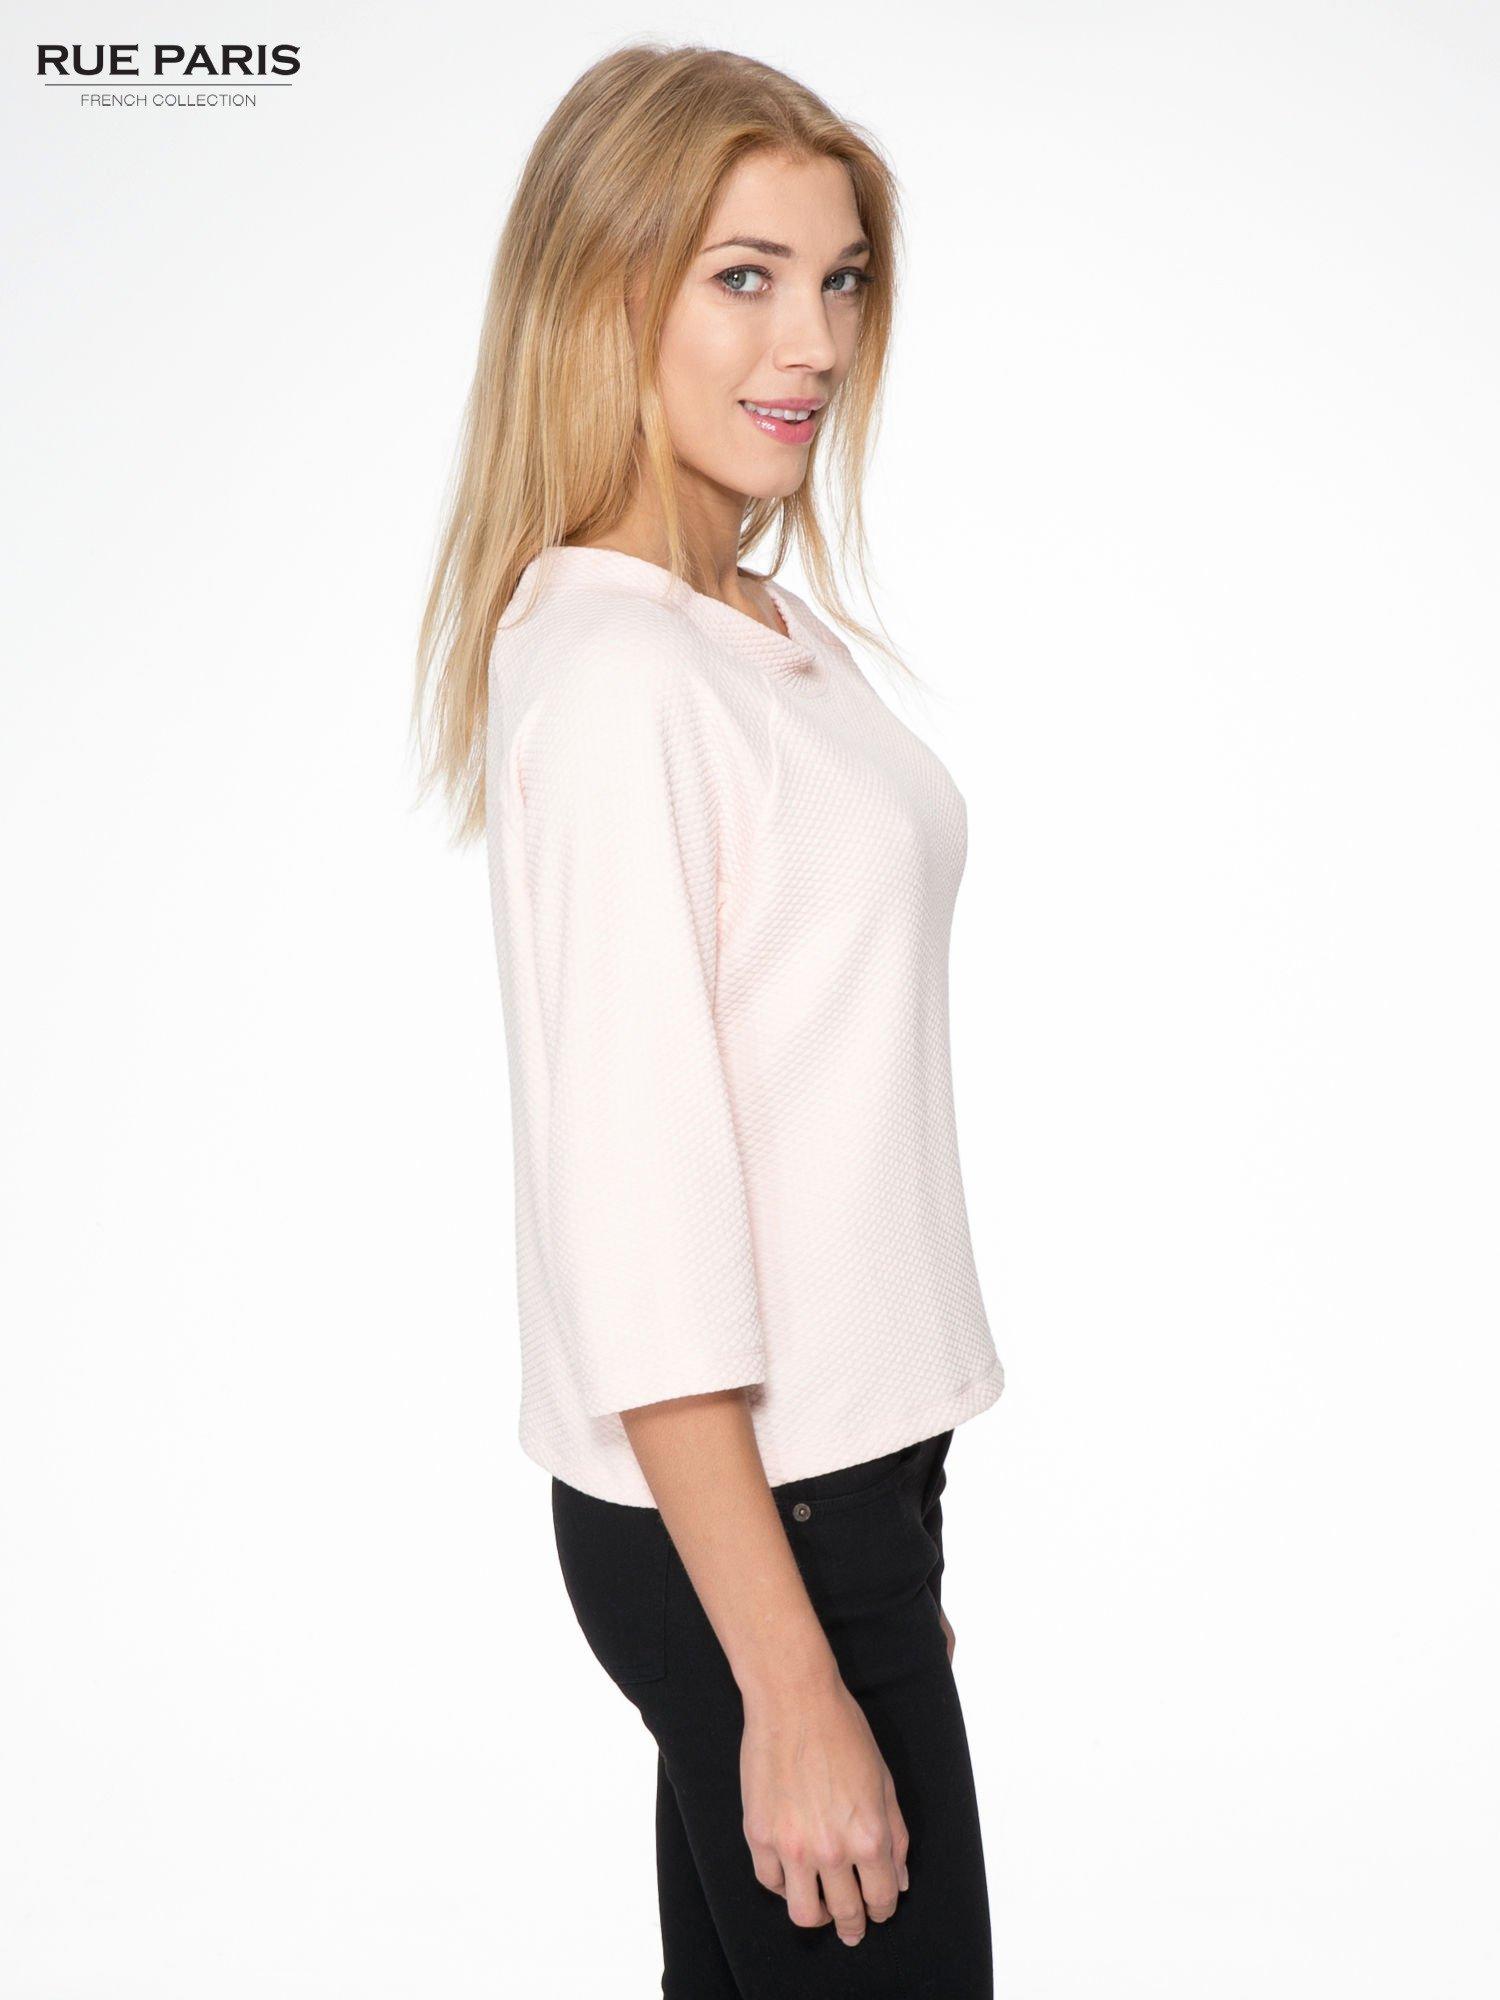 Różowa fakturowana bluzka z kimonowym rękawem długości 3/4                                  zdj.                                  3